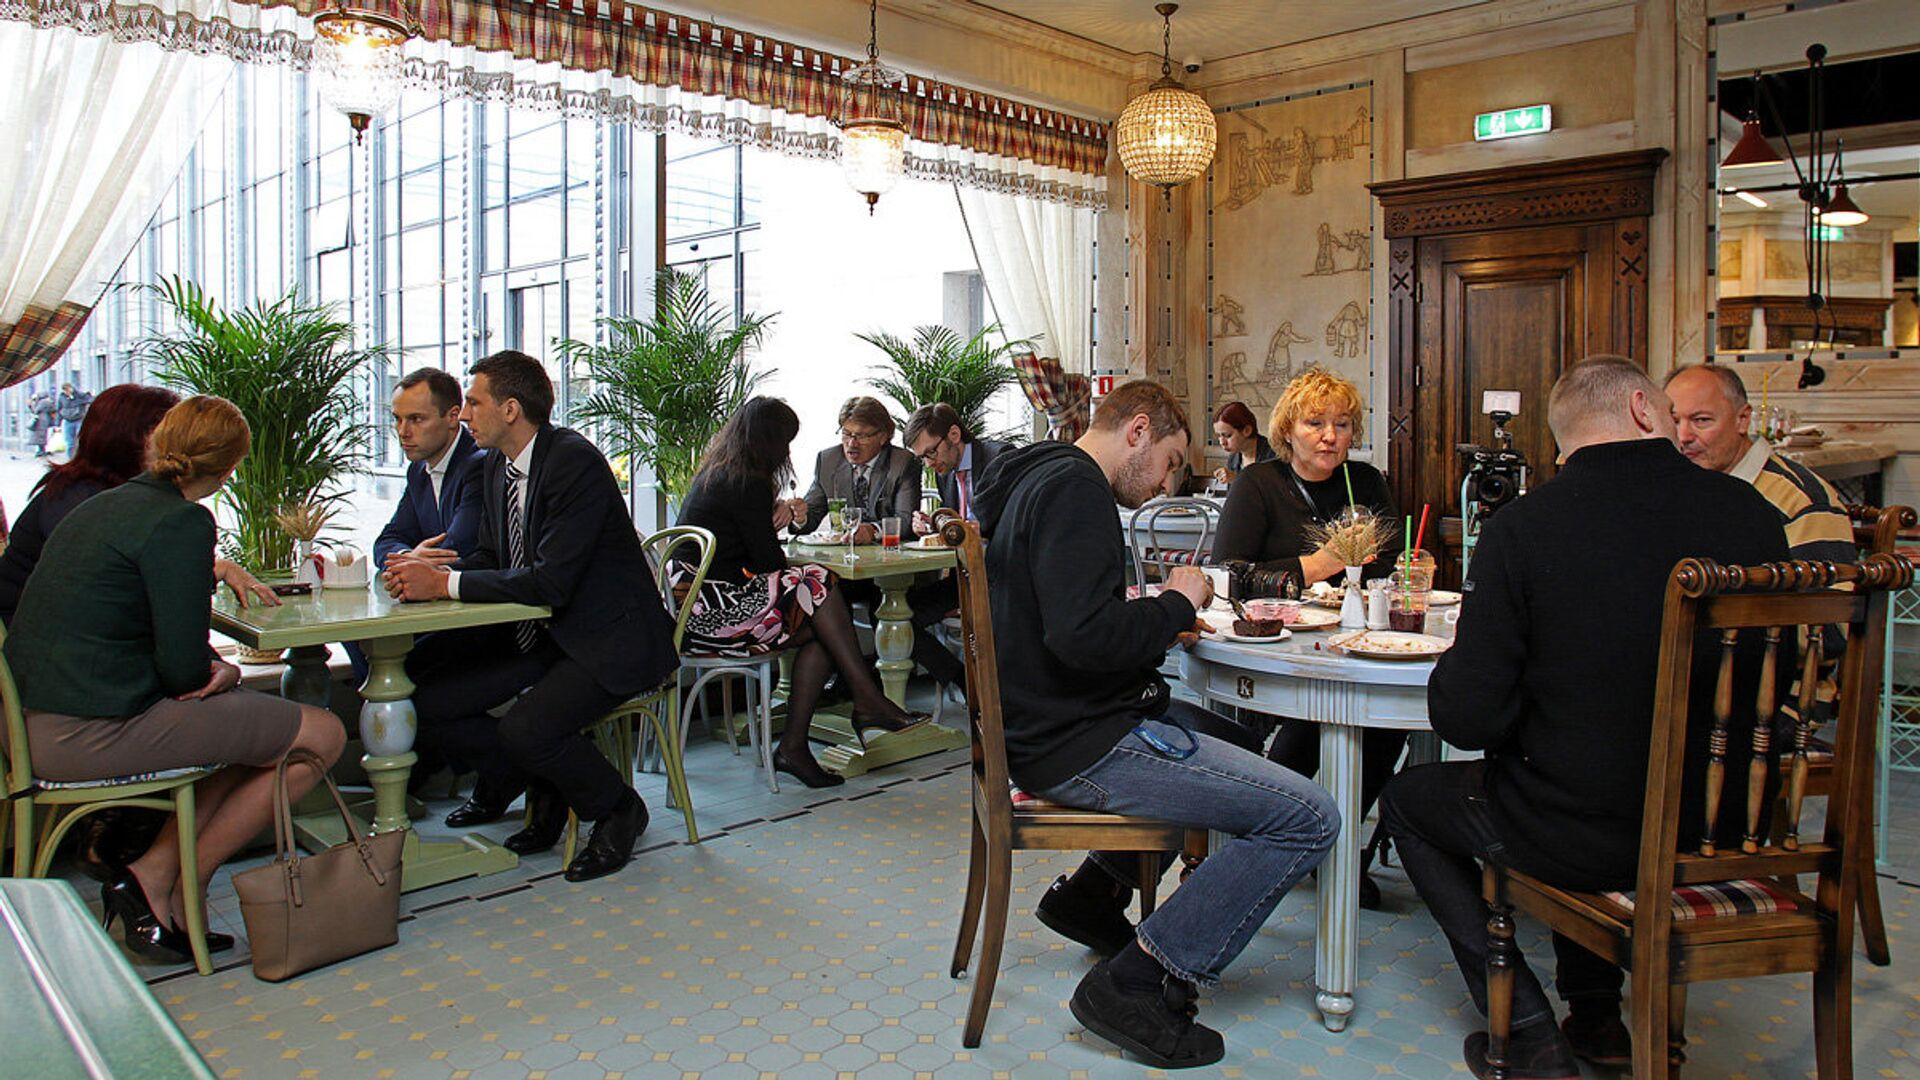 Обеденный зал ресторана Лидо в торговом комплексе Ориго - Sputnik Латвия, 1920, 15.06.2021